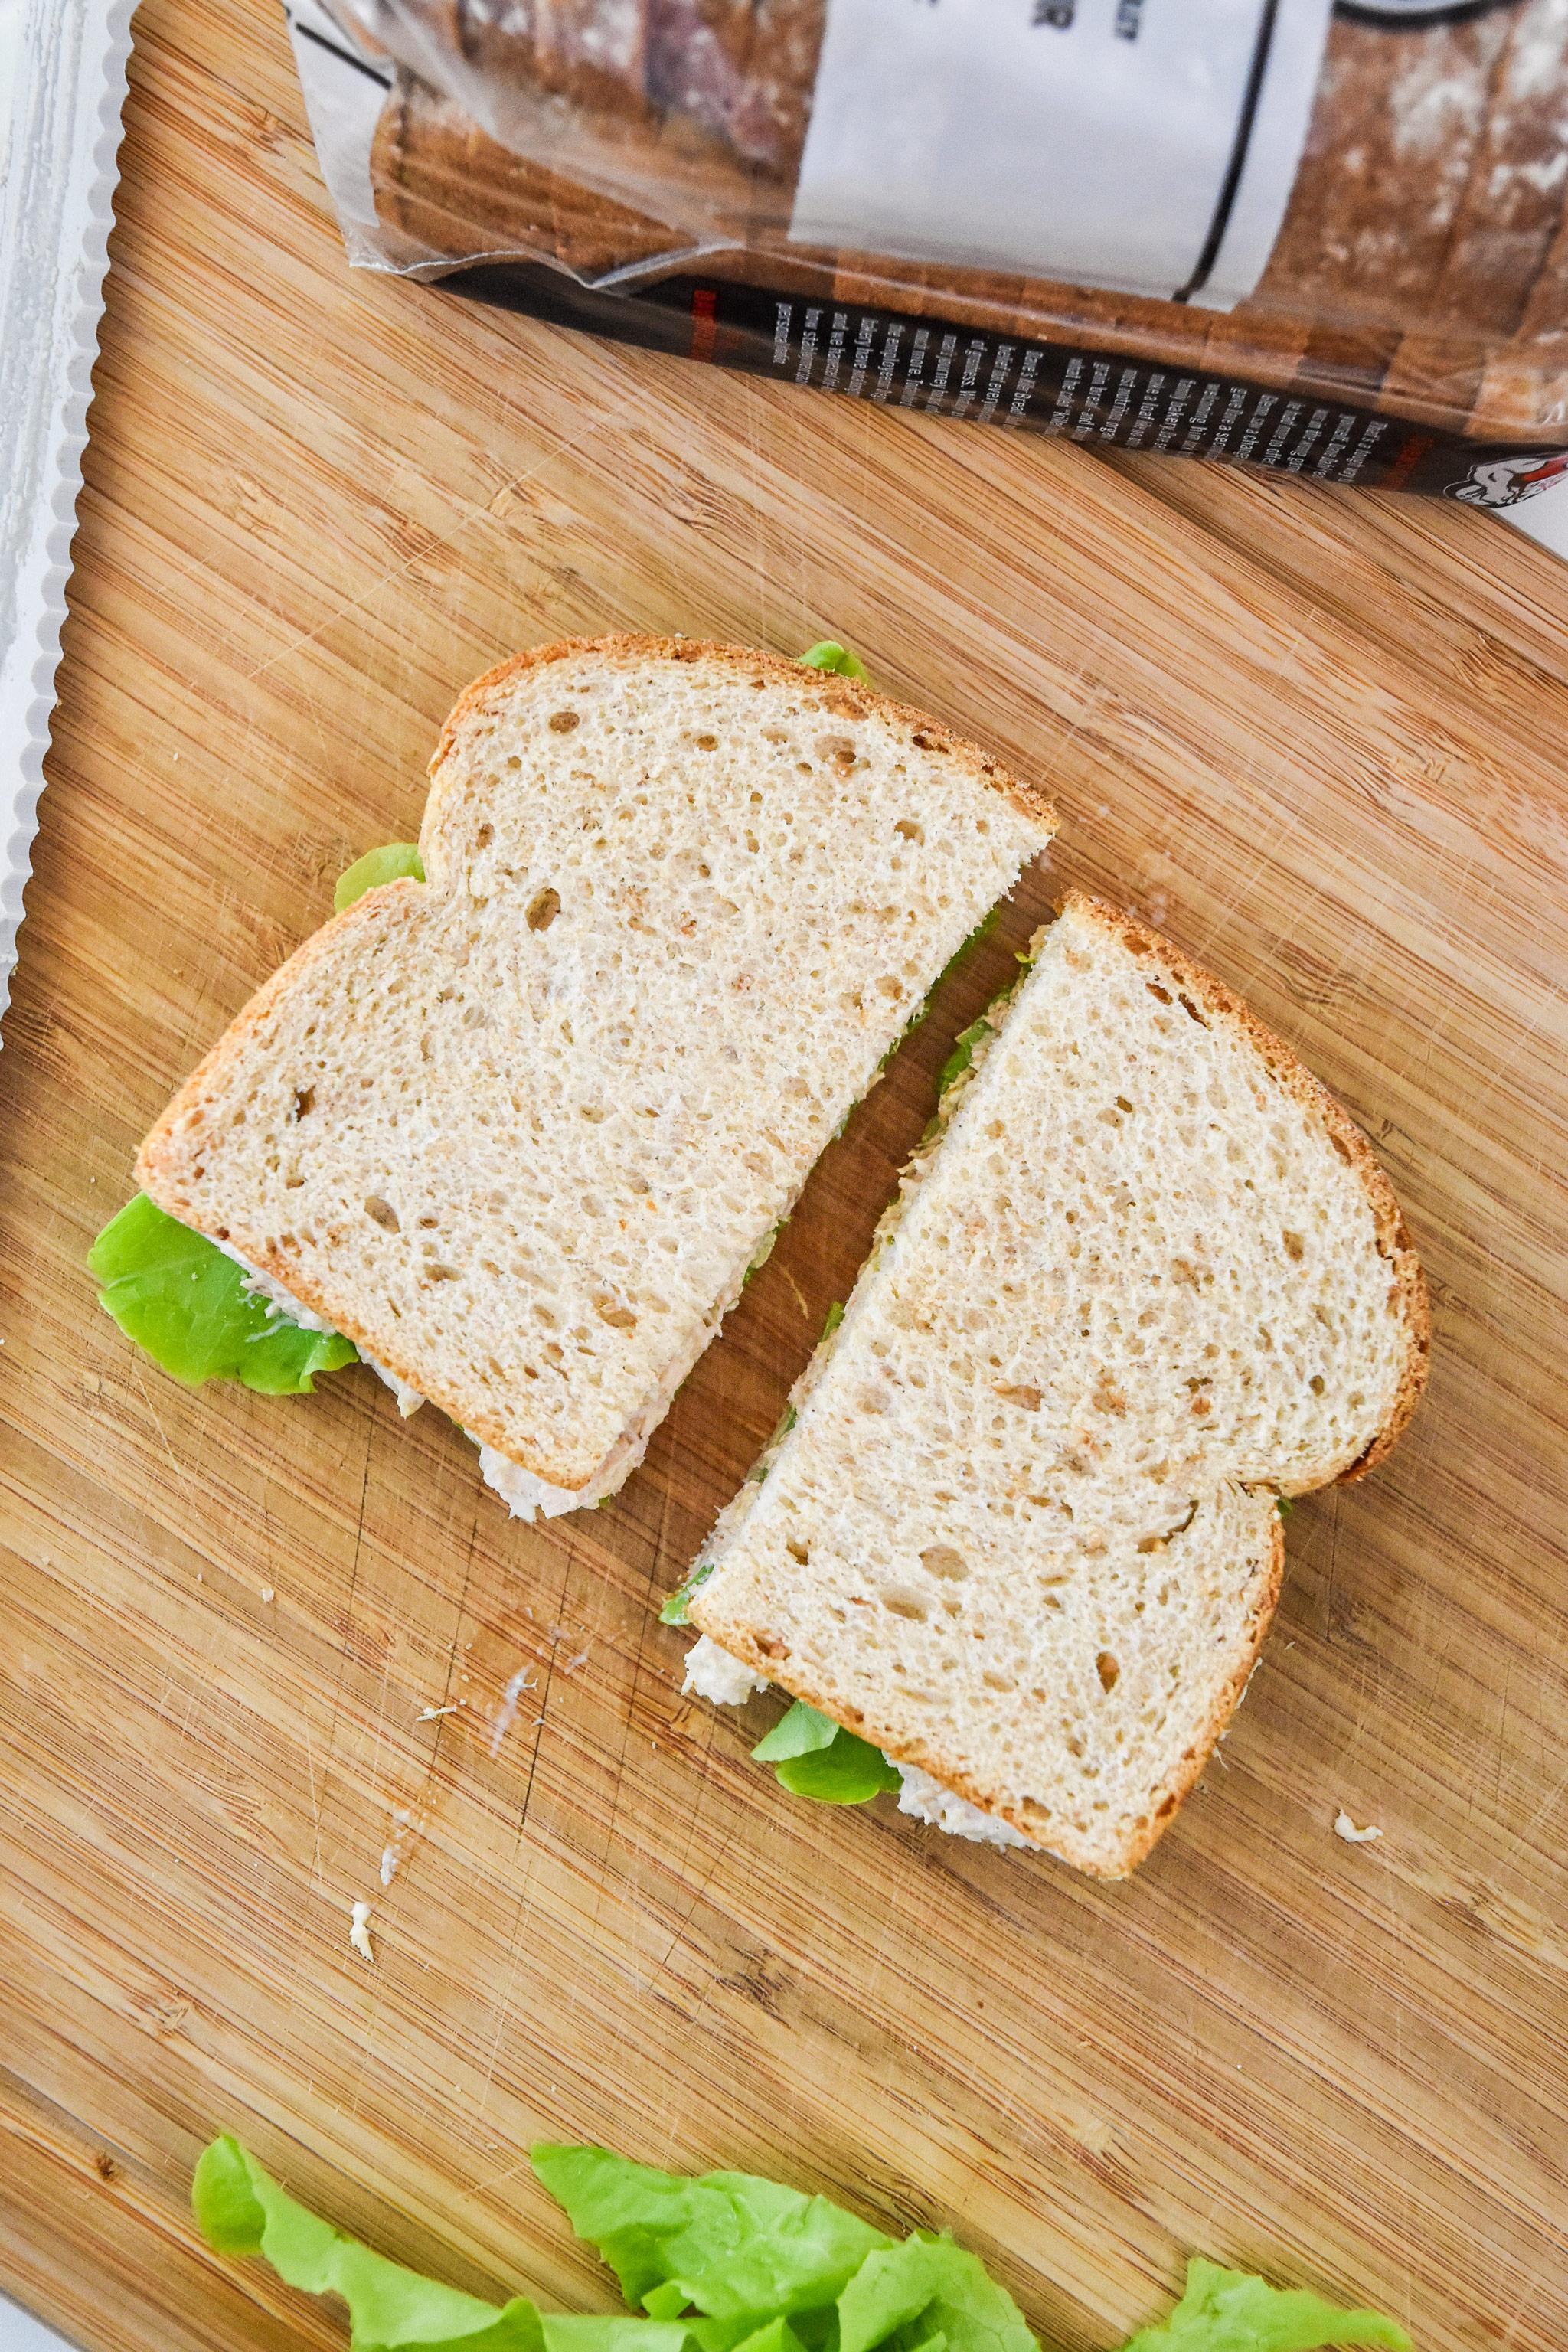 tuna sandwich made with lazy no chop tuna salad cut in half on a cutting board.